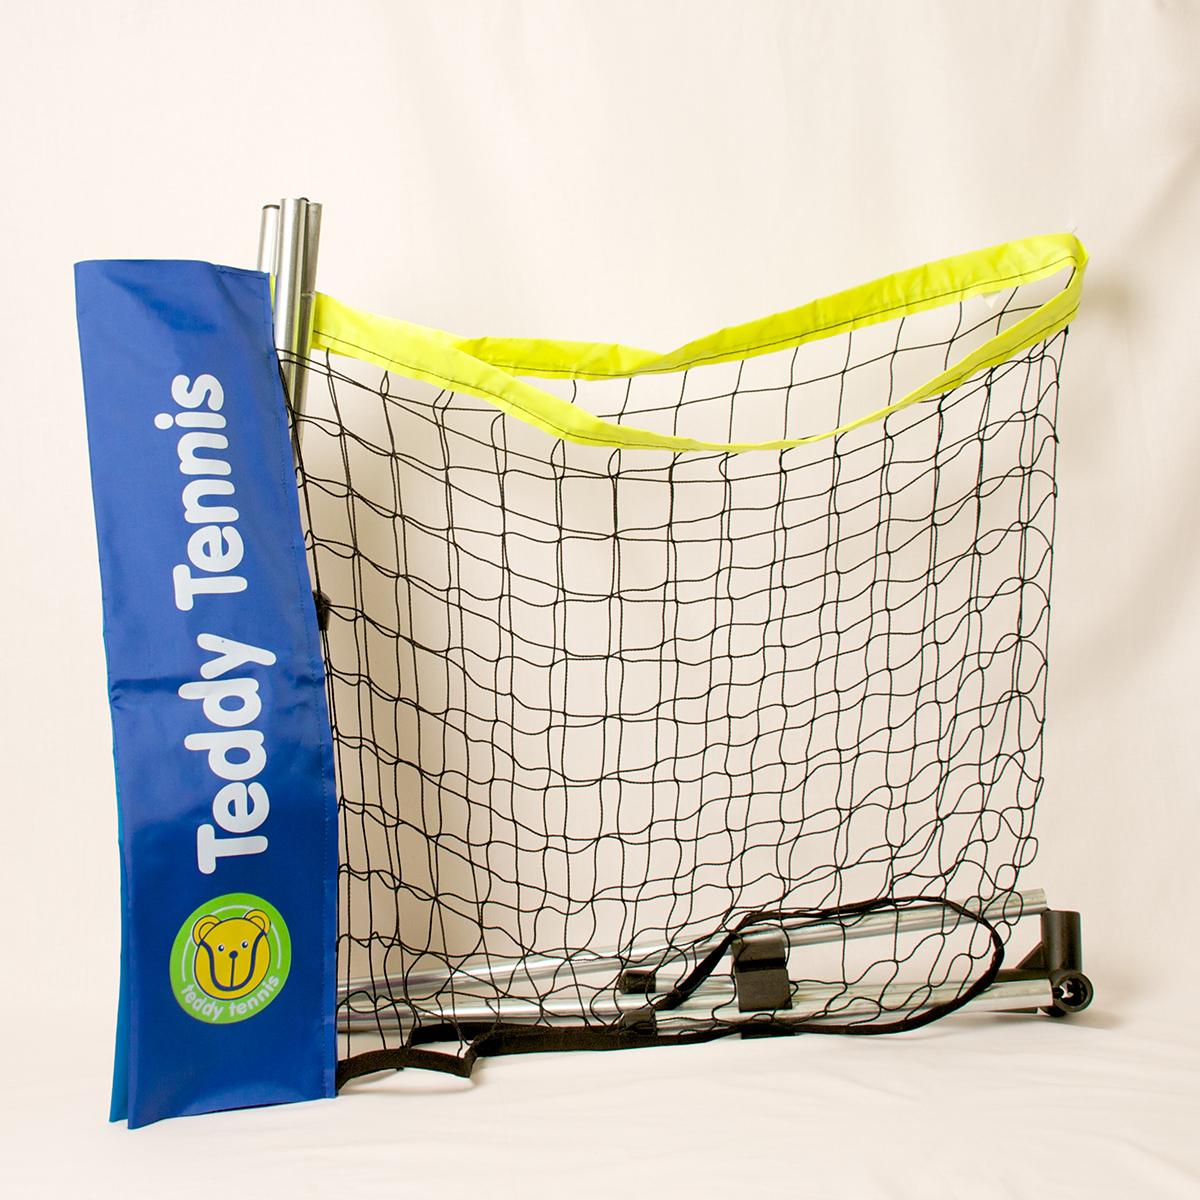 Beginner's Tennis Net